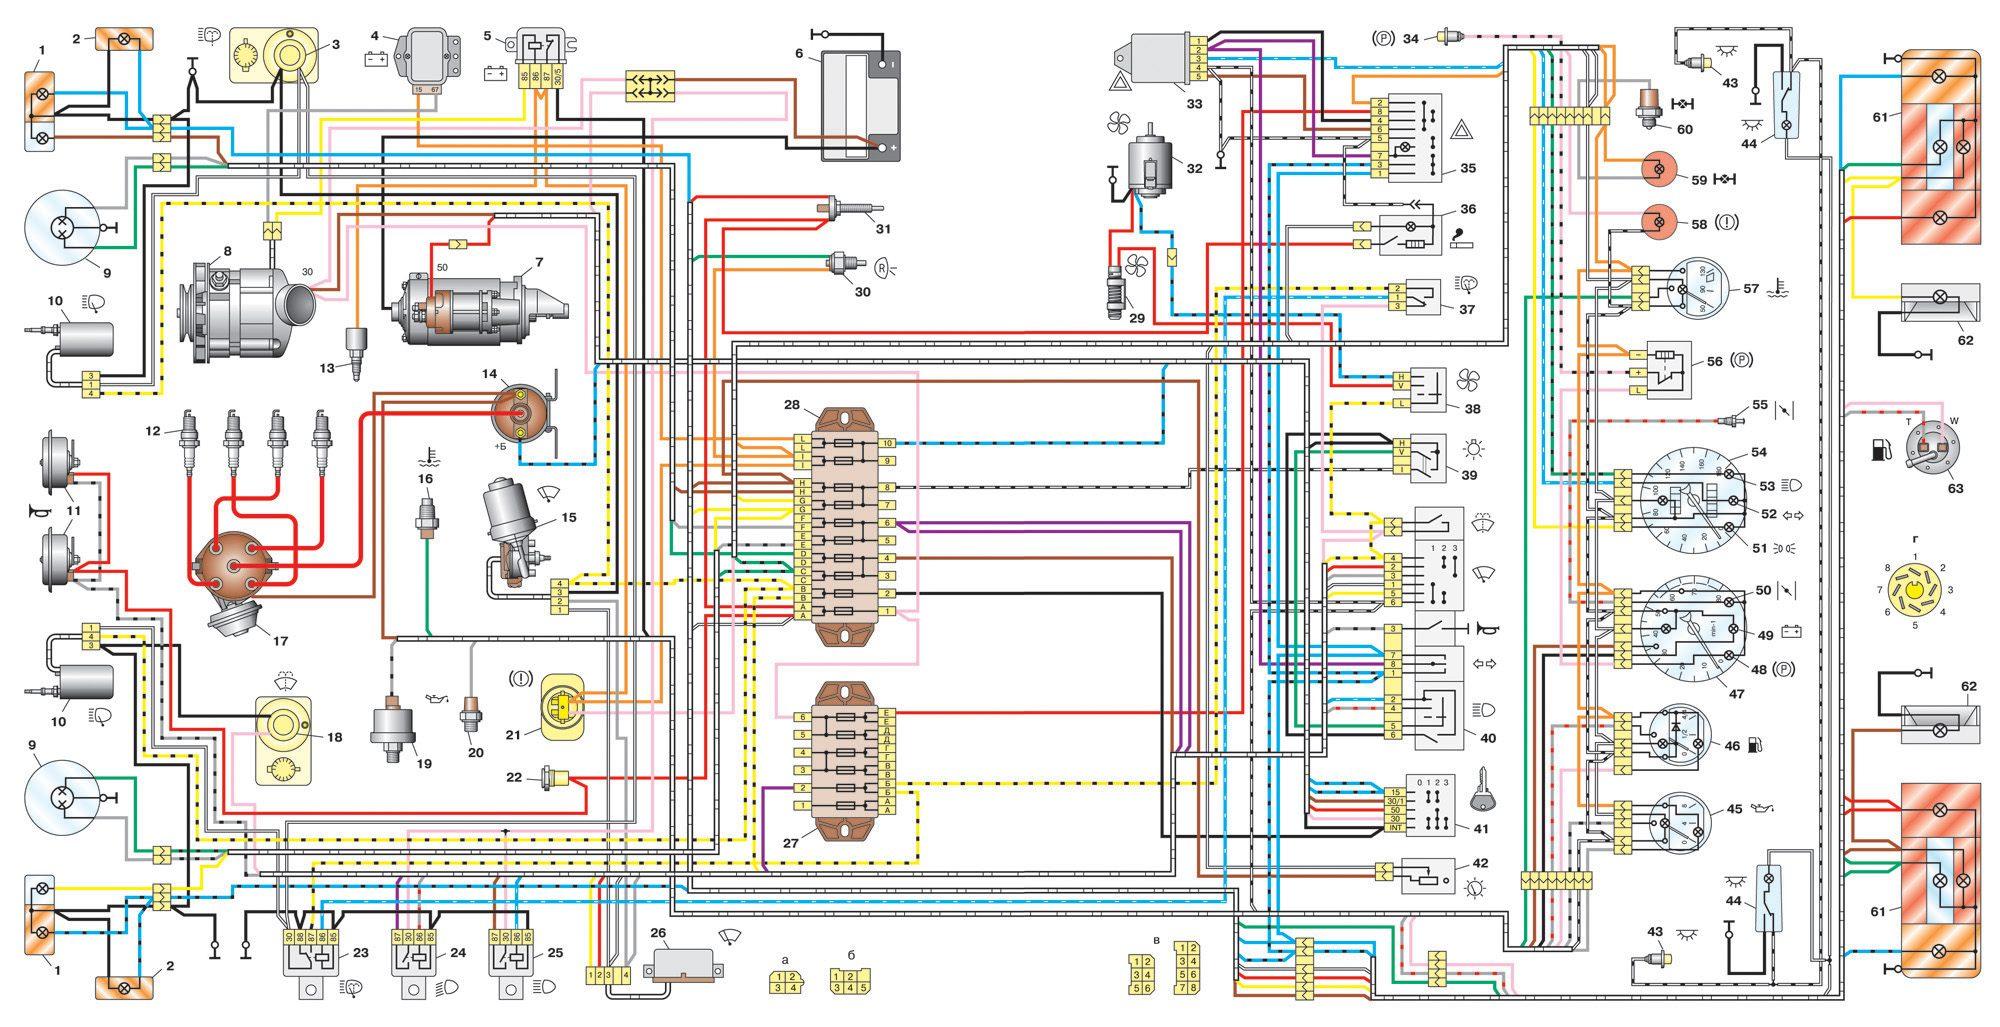 Газ 31029 схема аварийной сигнализации